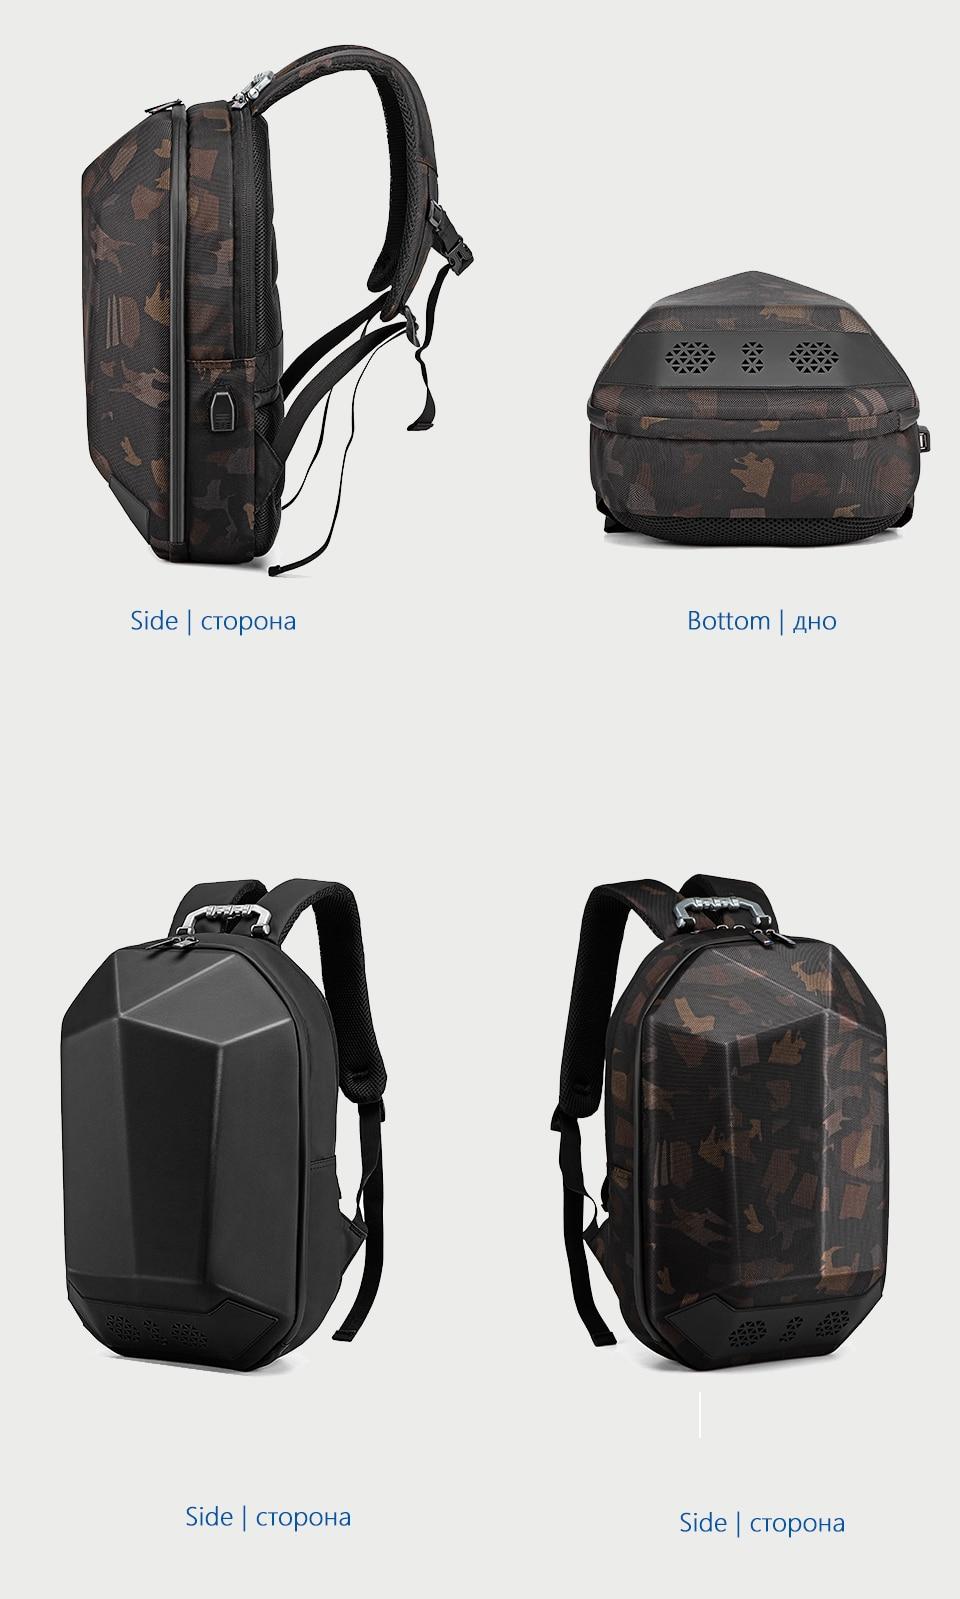 """HTB17JeKaODxK1RjSsphq6zHrpXah - OZUKO Men 15.6"""" Laptop Backpack Fashion Waterproof Teenager Schoolbag"""